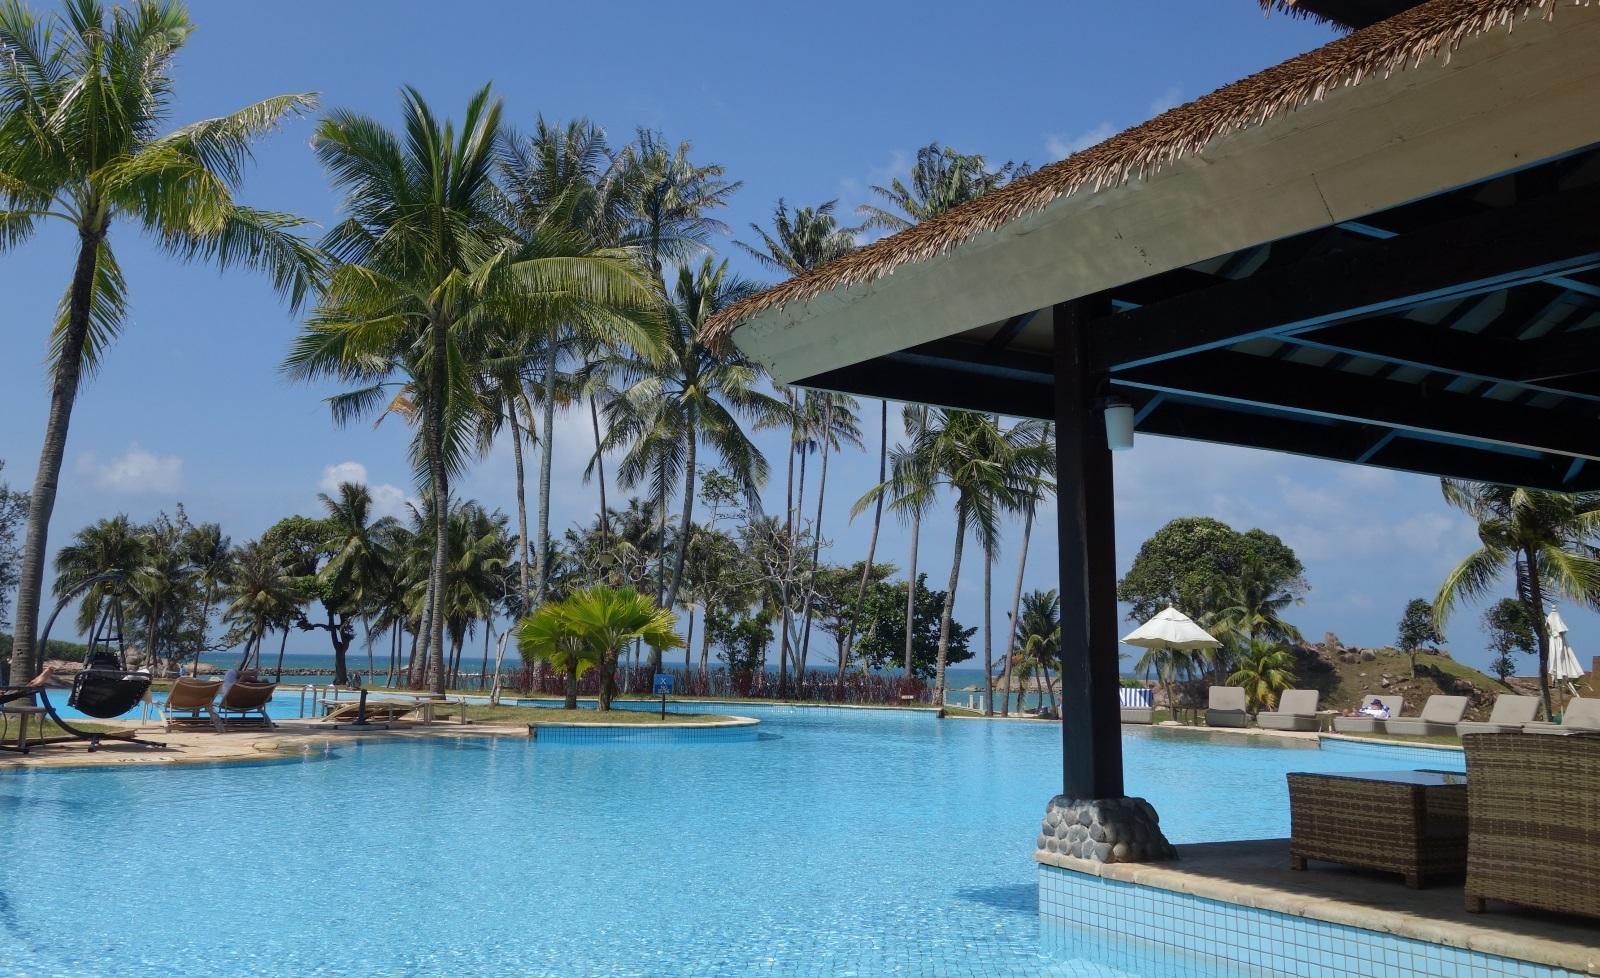 ビンタンラグーンリゾート宿泊レビュー!ホテルのアクセス、魅力あるプールとレストランについて